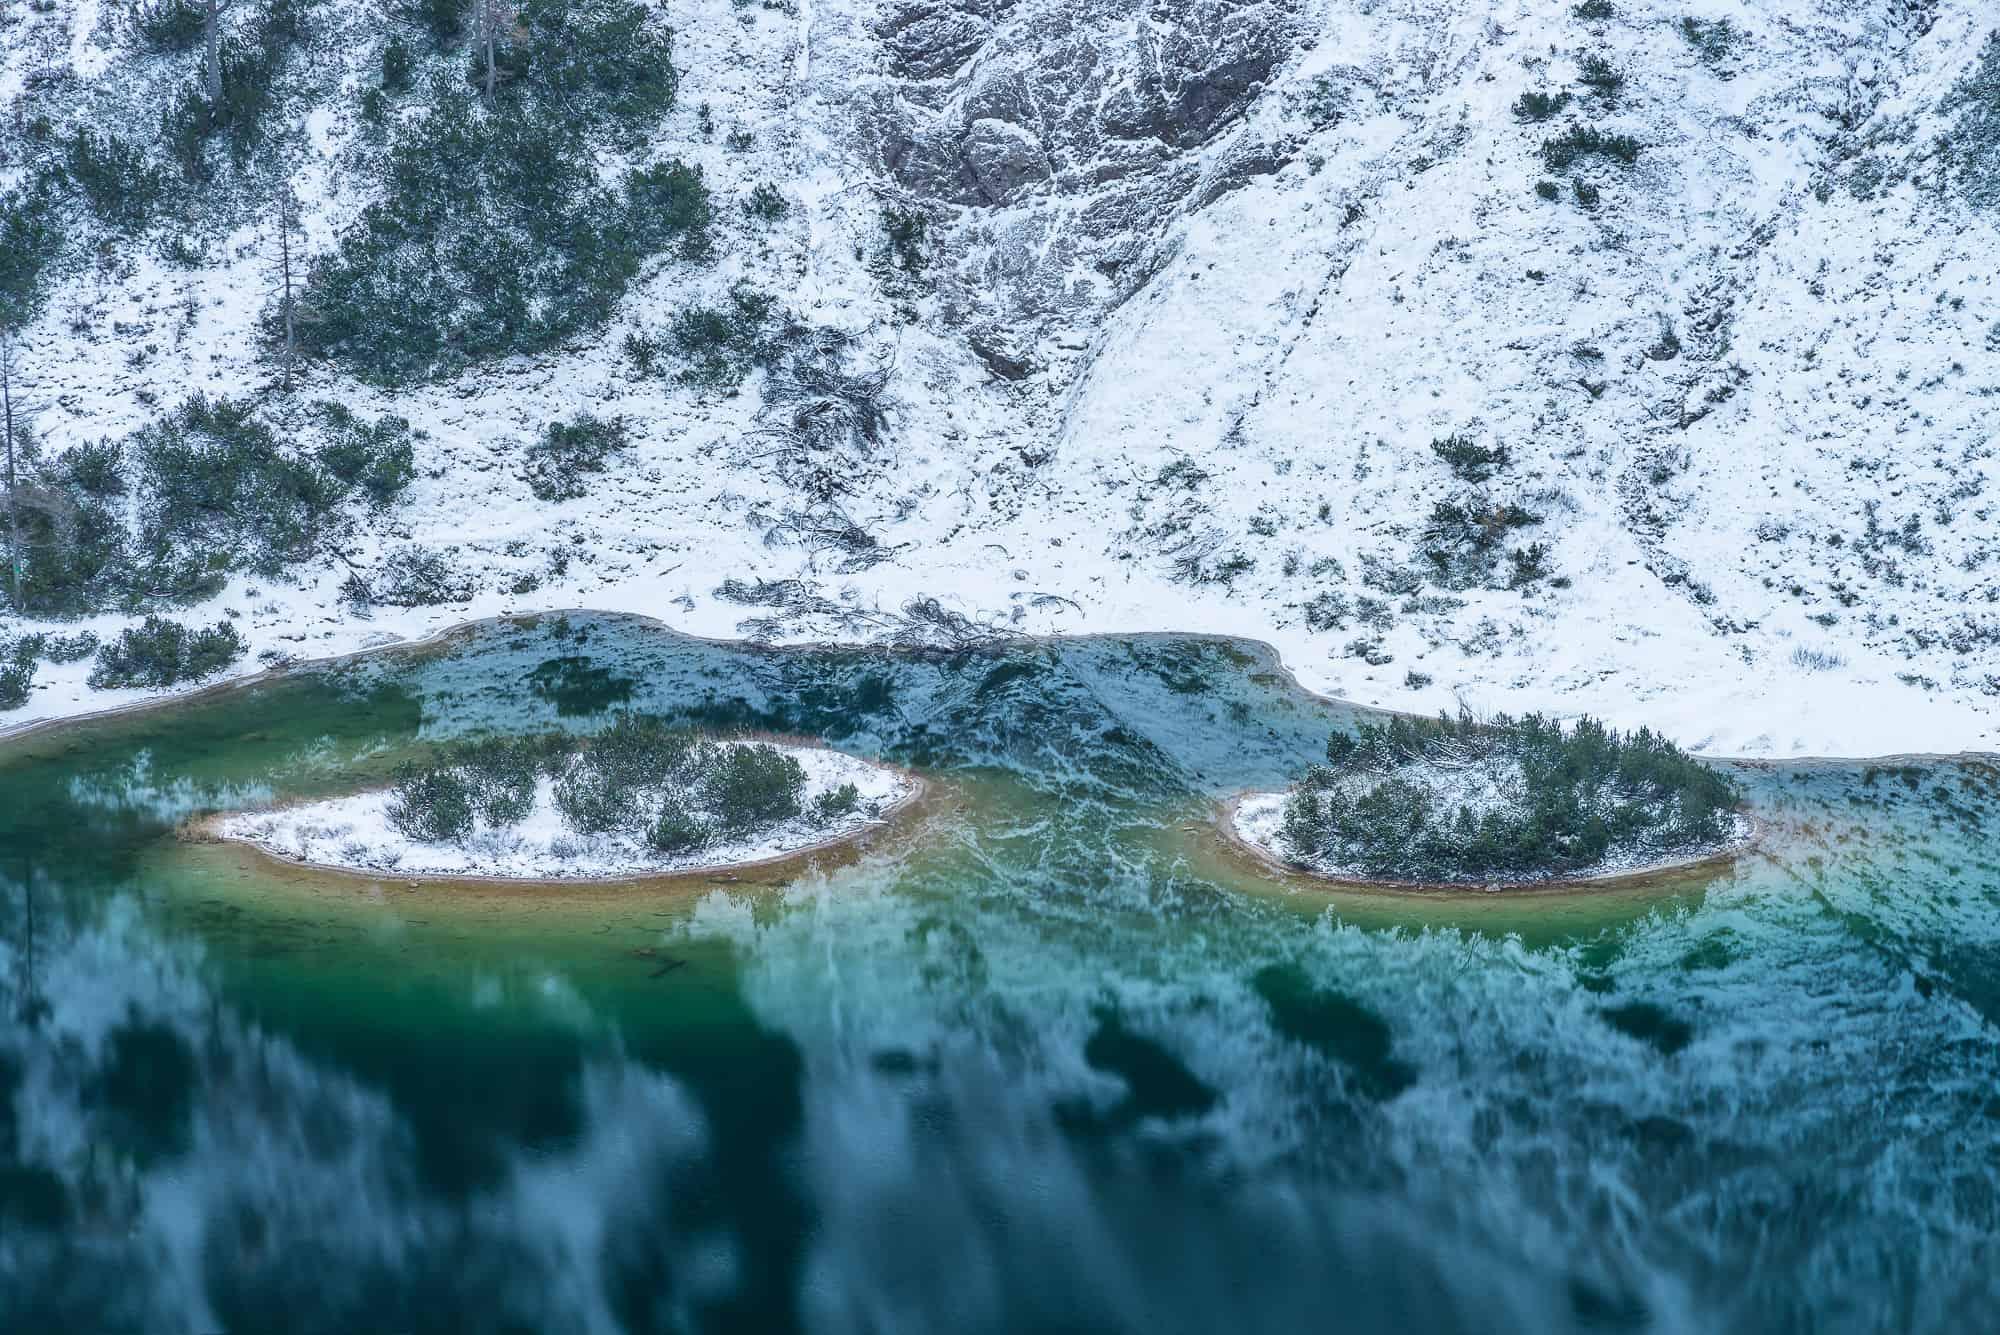 ein Blick auf den Steirersee nach dem ersten Schnee